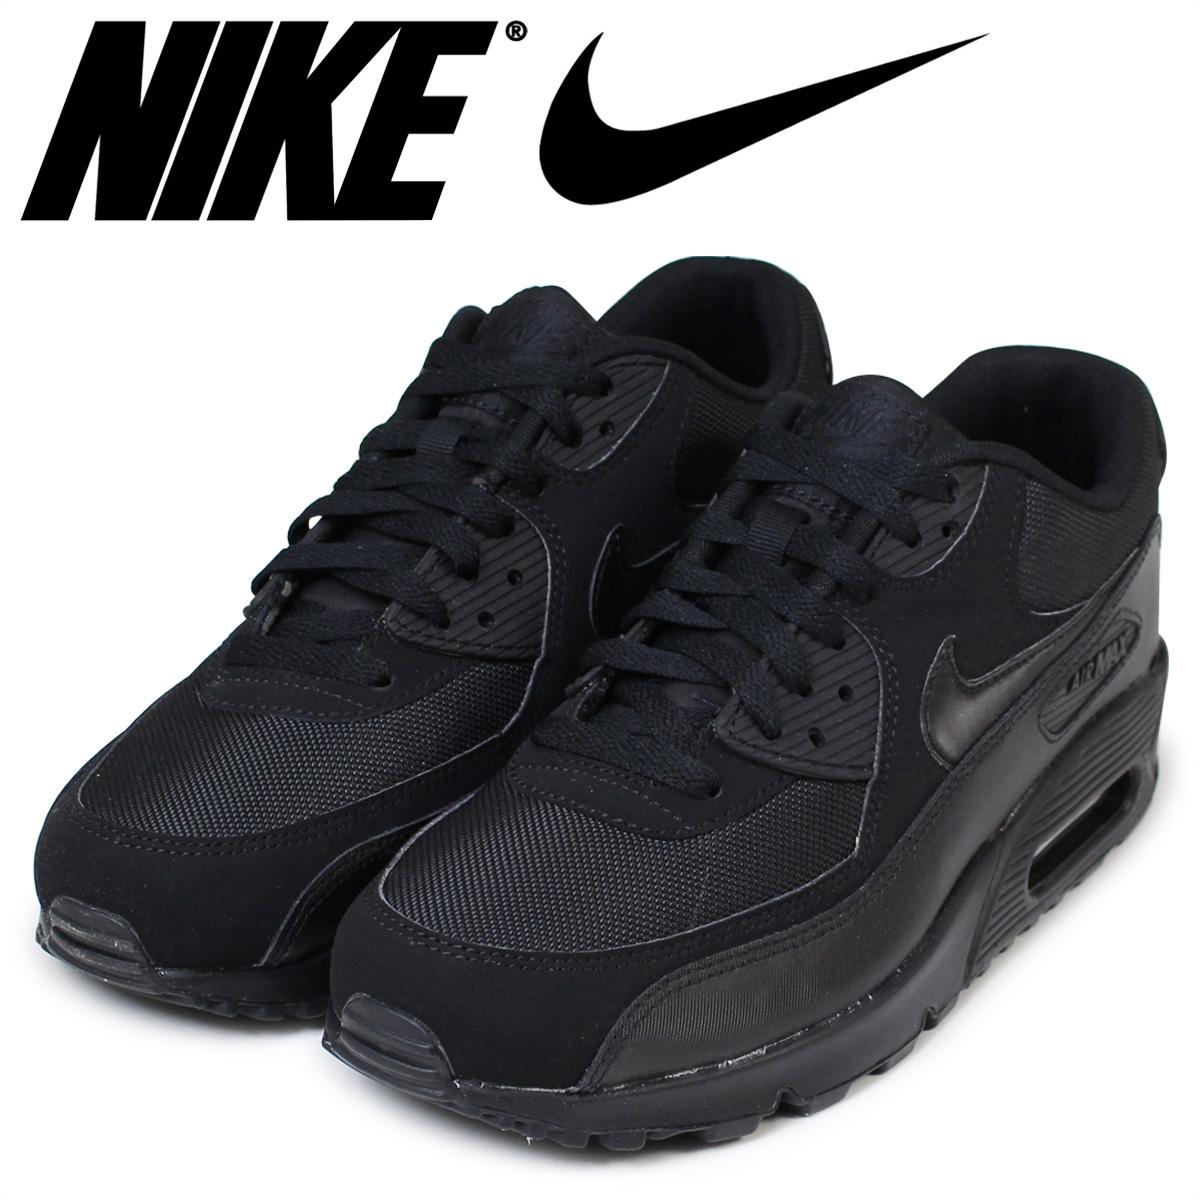 best service d80ec 99bad Nike NIKE Air Max men sneakers AIR MAX 90 ESSENTIAL 537,384-090 shoes black  124 Shinnyu load